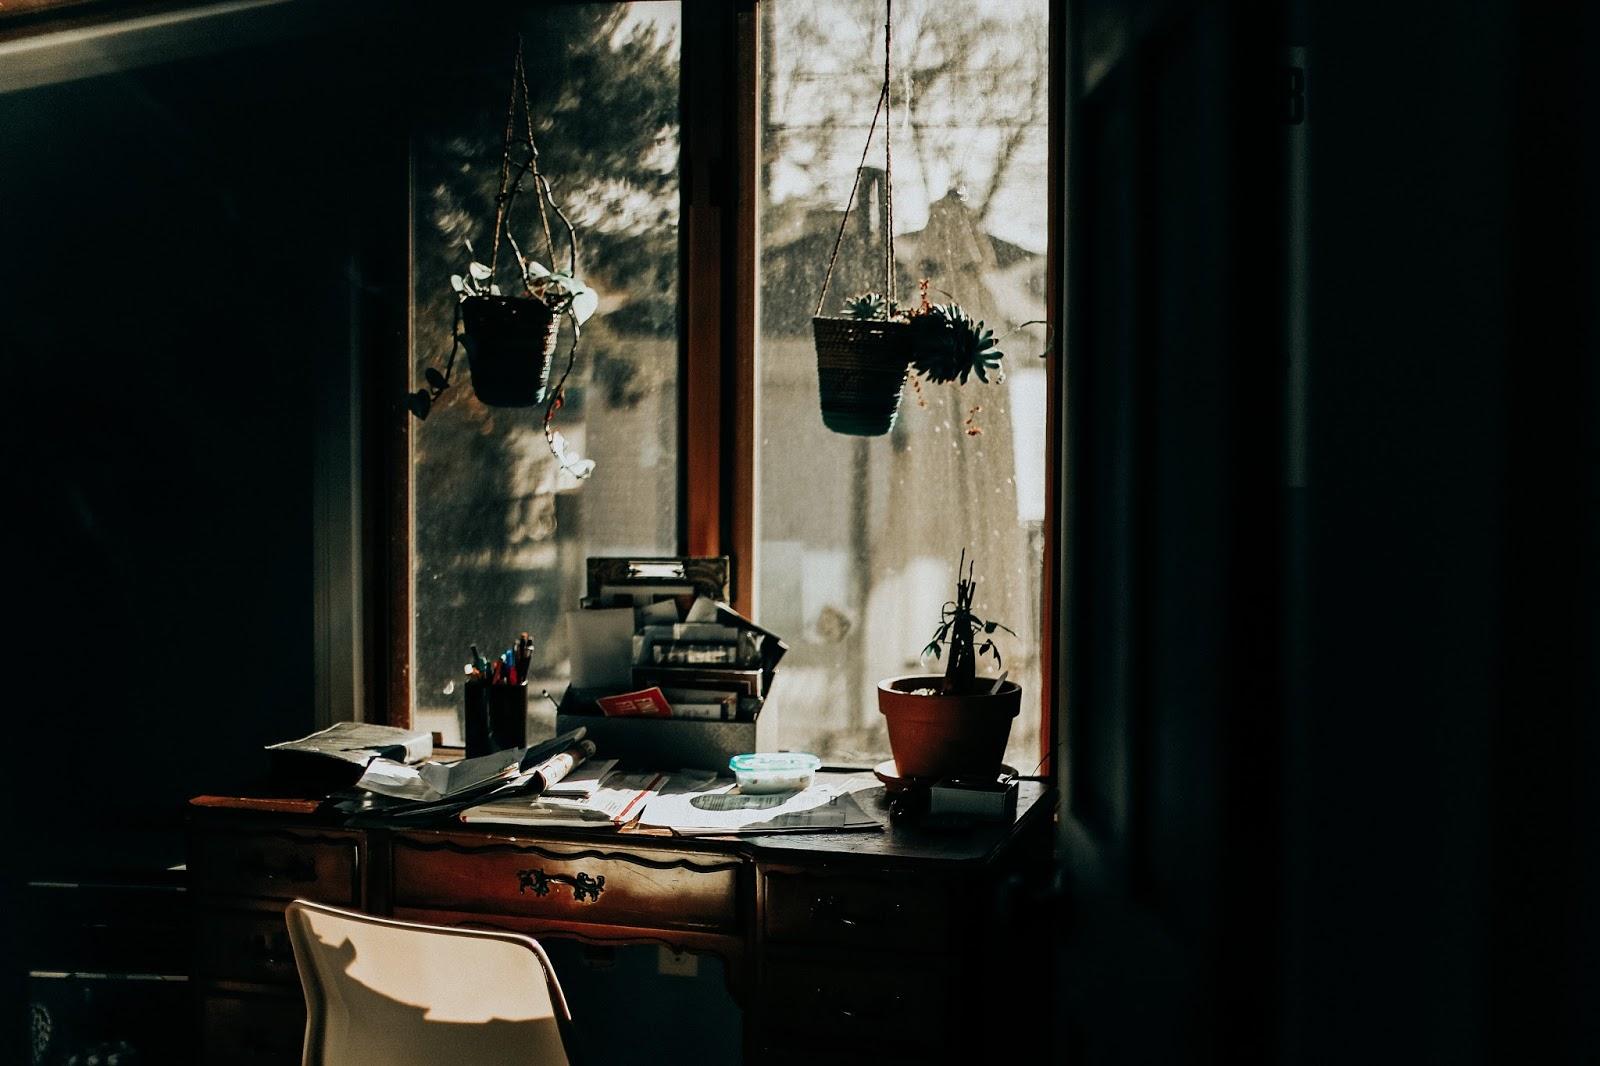 moody office photography by zoe alexandriah